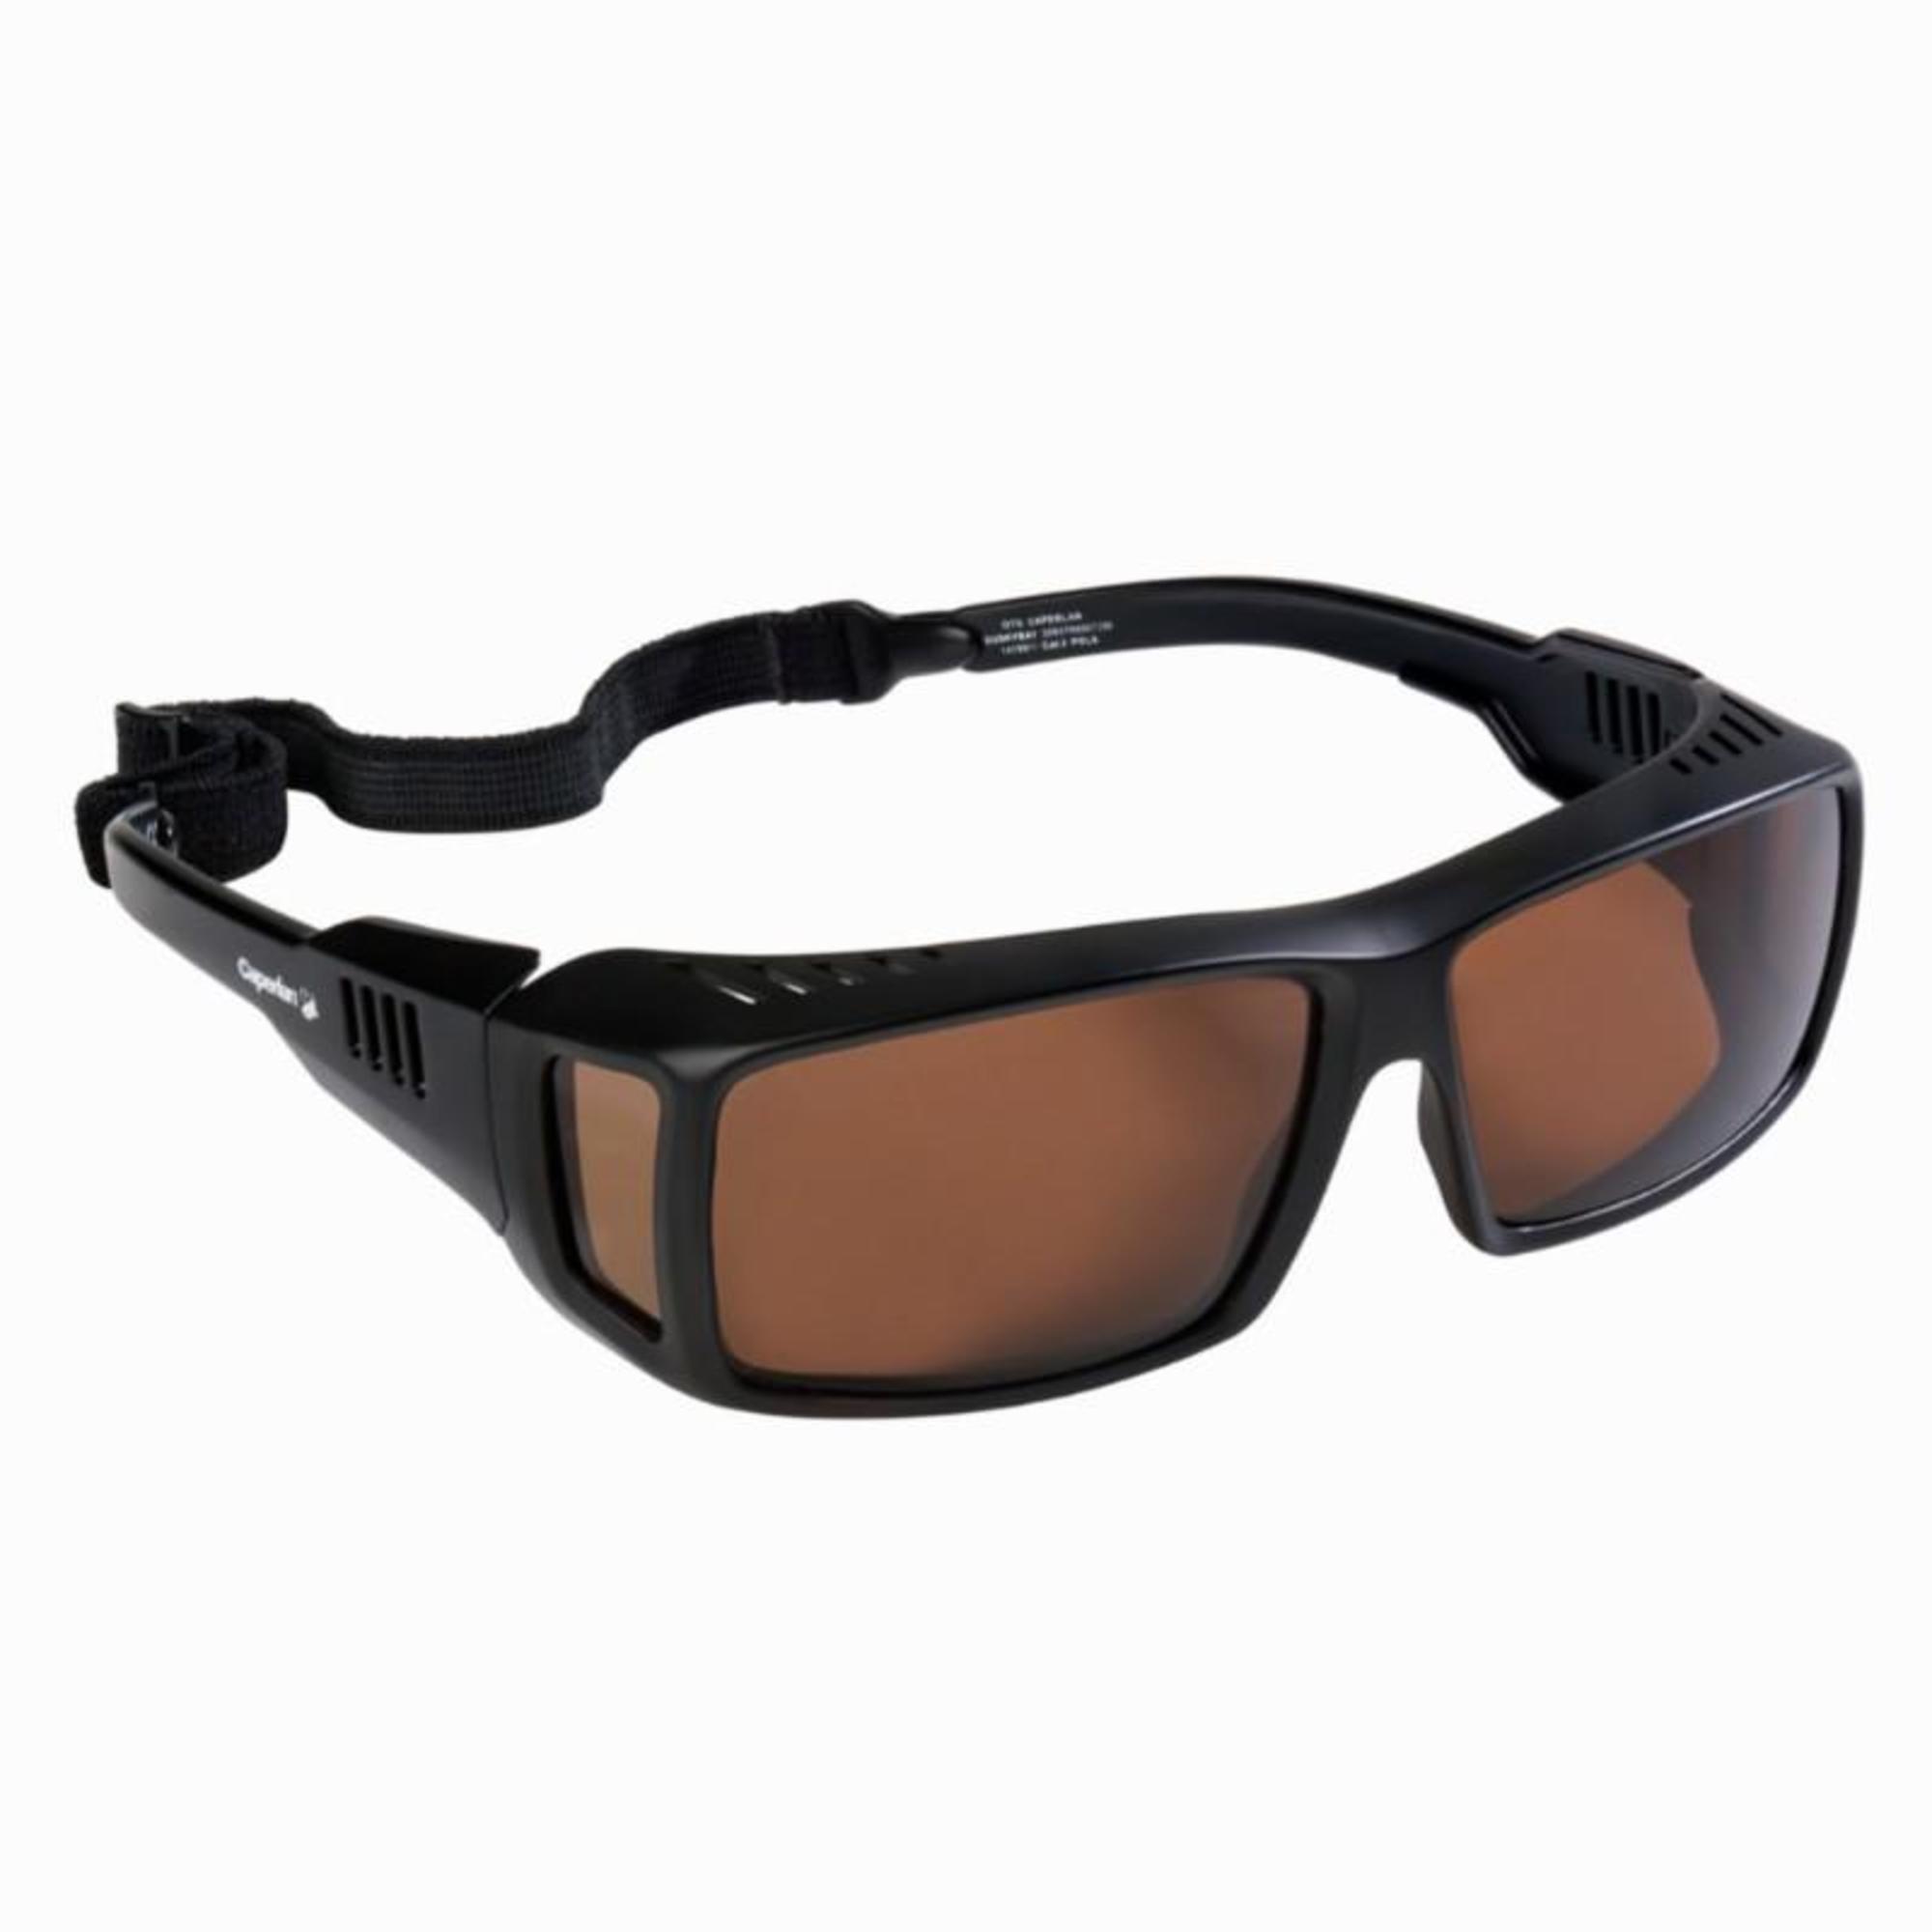 Caperlan Polariserende overzetbril hengelsport Duskybay OTG kopen? Sport>Sportbrillen>Zonnebrillen met voordeel vind je hier